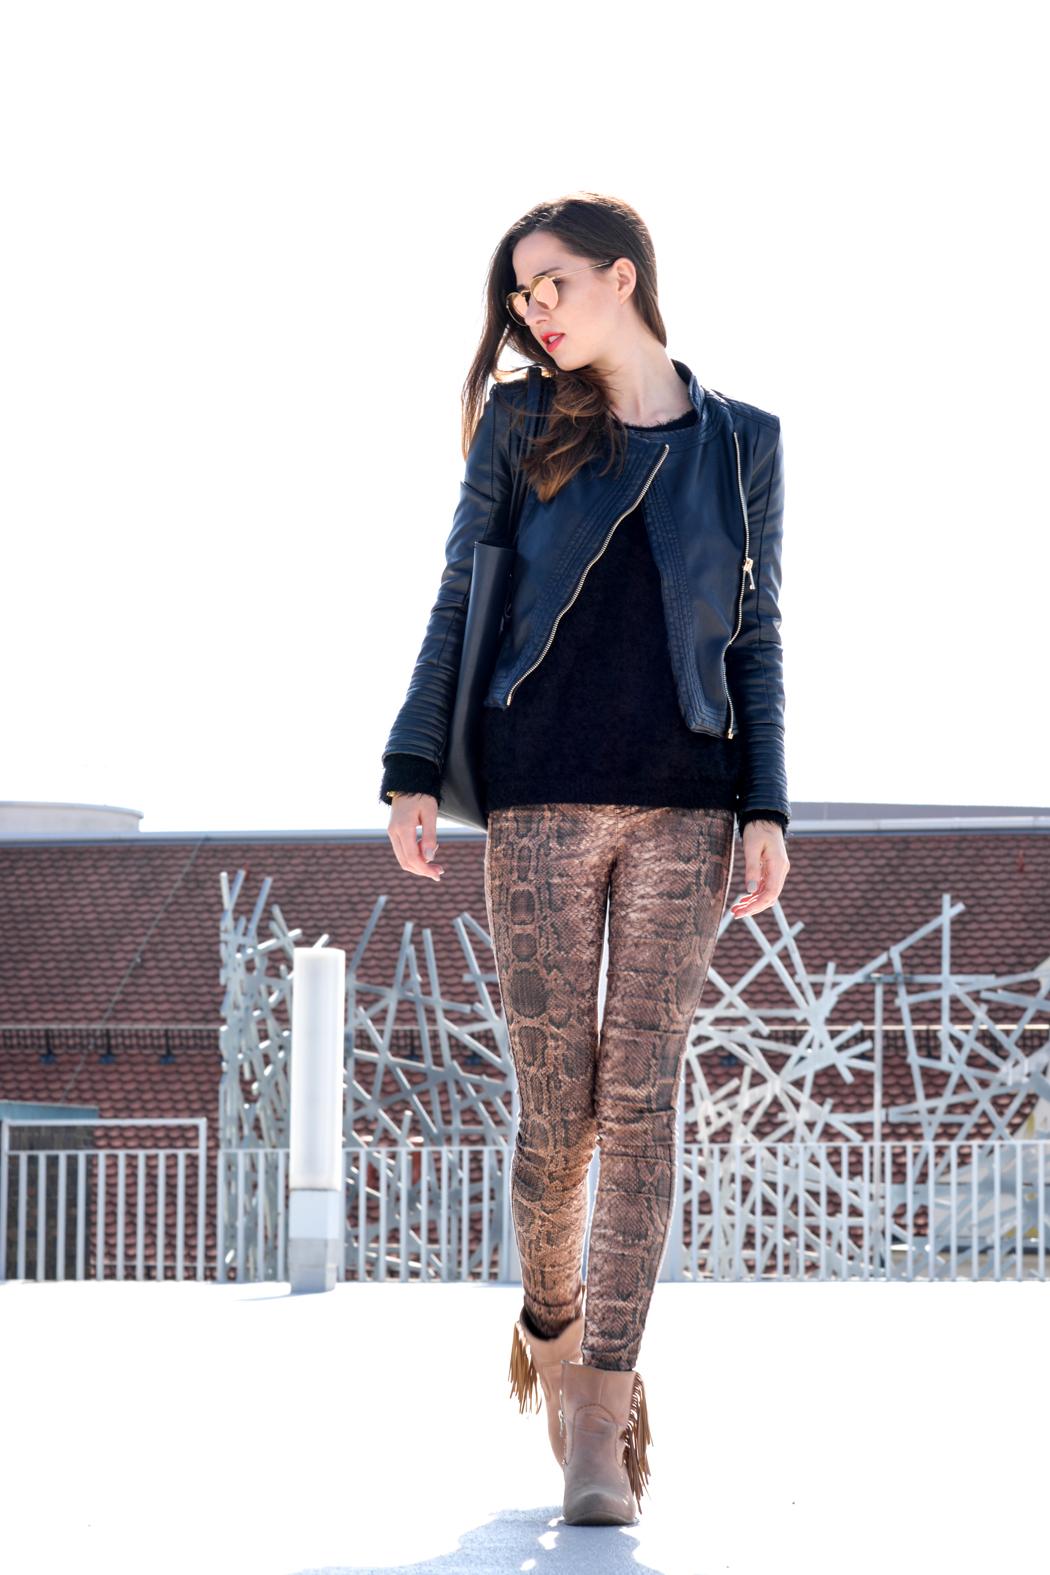 Schlangenpring-Leggins-Zara-Teddypulli-Nixon-Watch-Fashionblogger-München-3